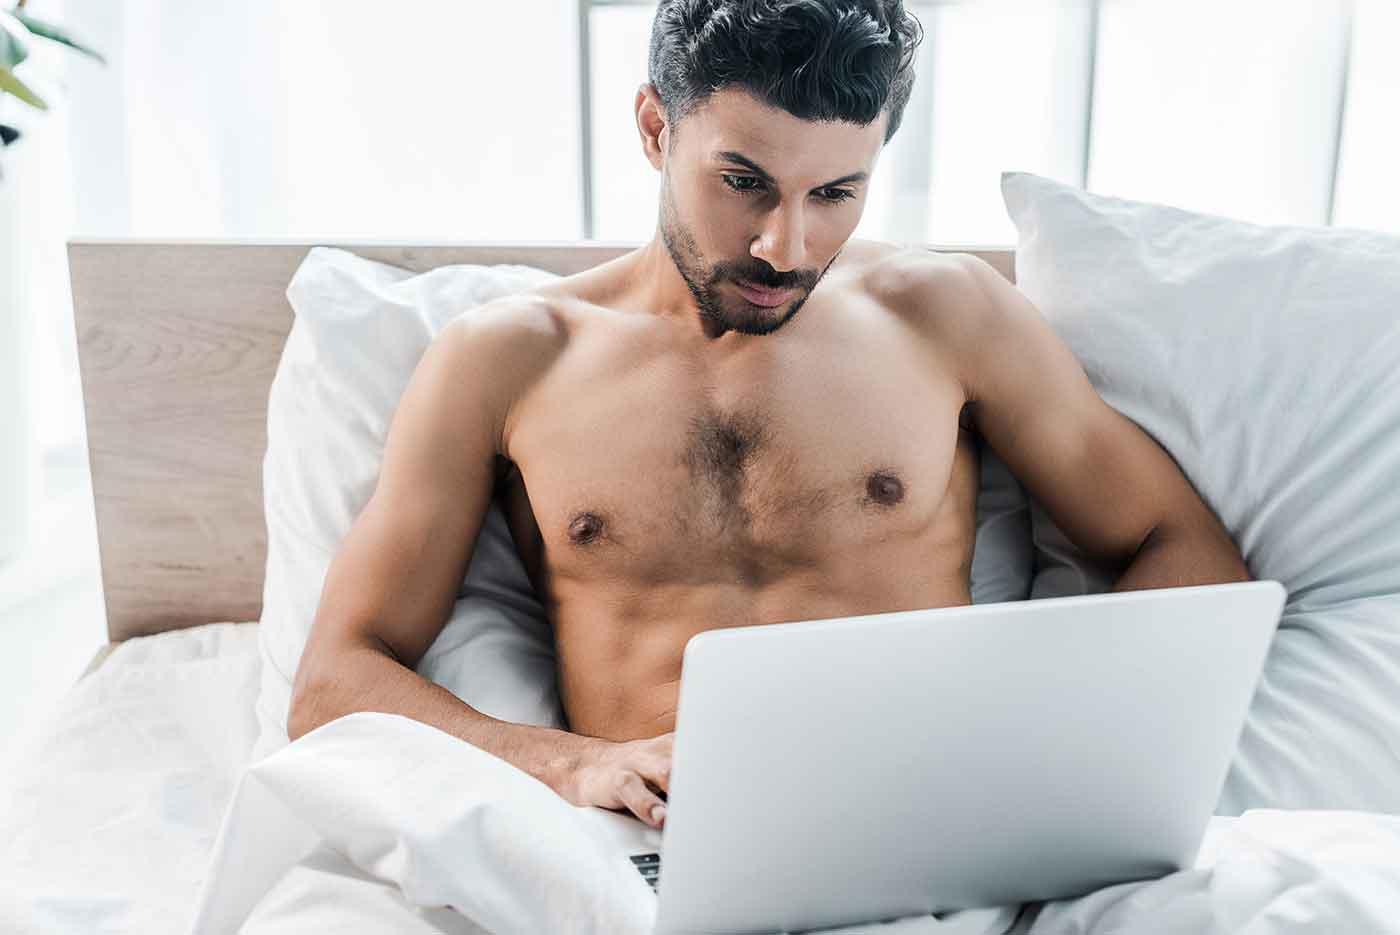 Representation of Male Masturbation in Pornography